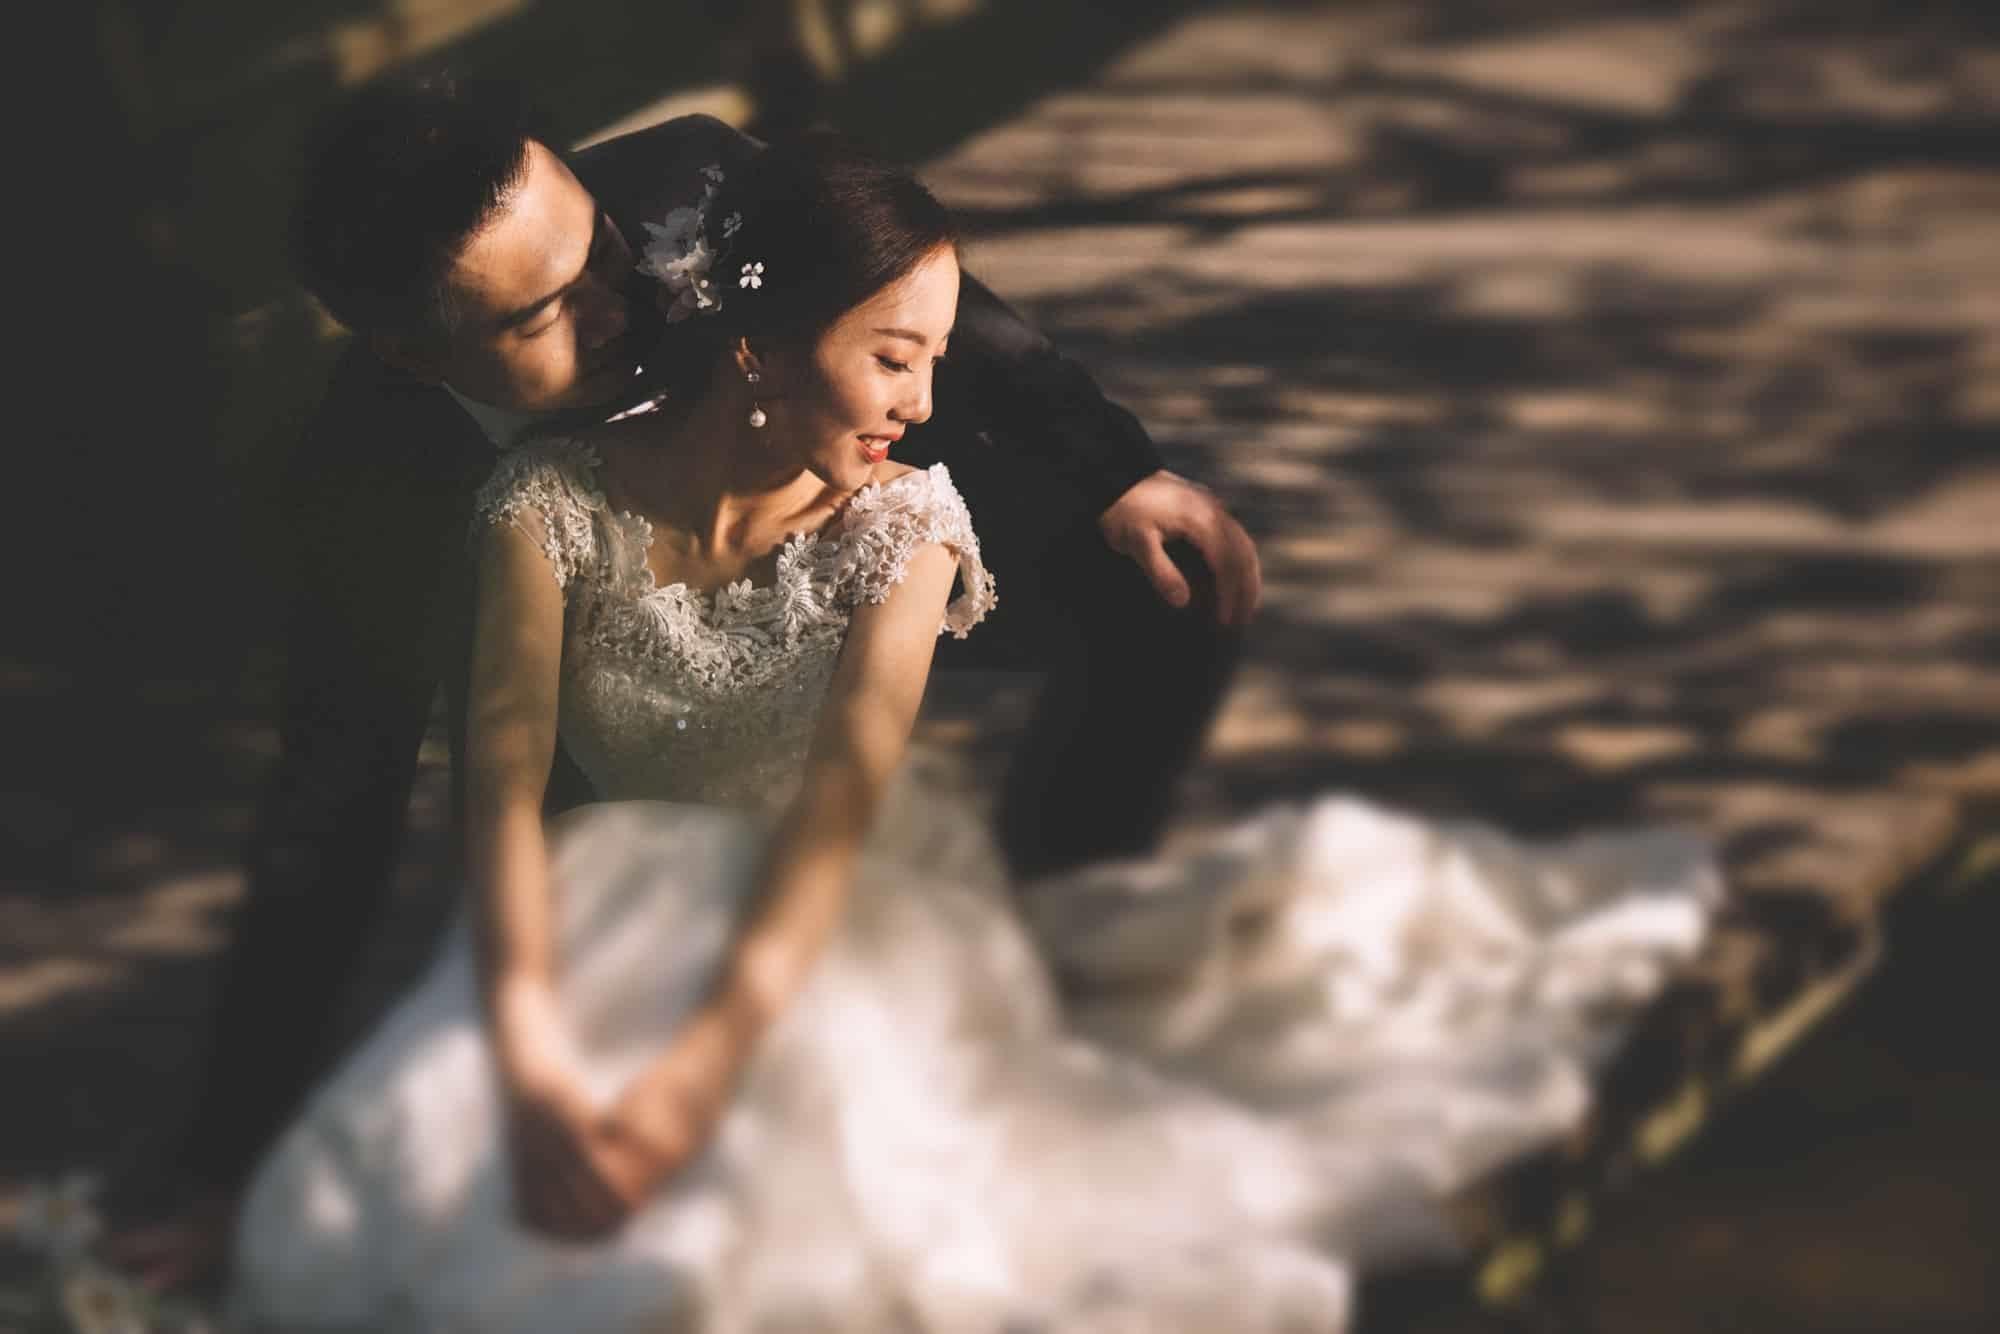 Dành cho những người đàn bà cảm thấy kiệt sức trong hôn nhân: Buông để nhẹ lòng hơn! - Ảnh 2